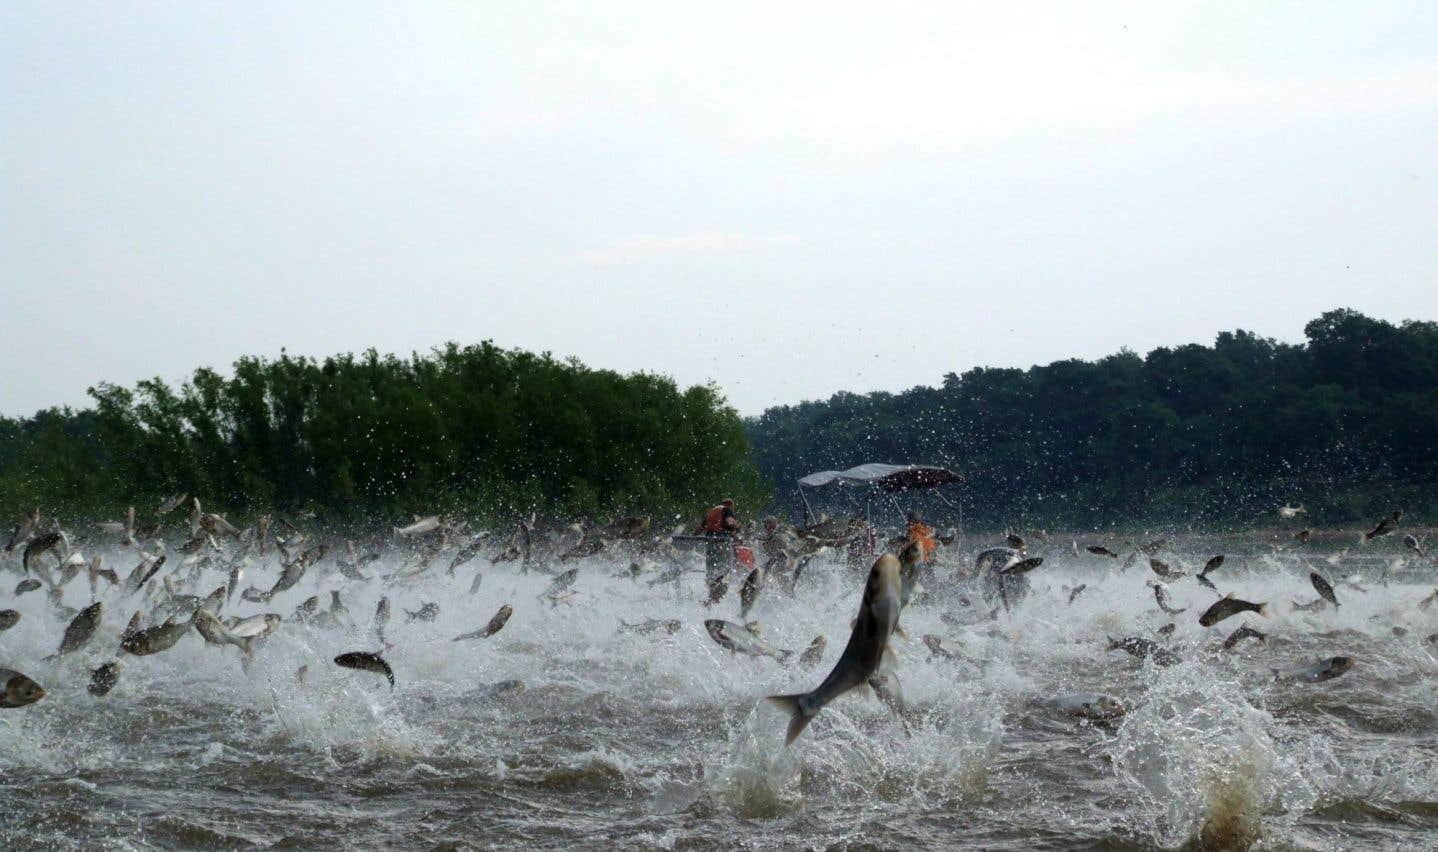 La carpe asiatique est arrivée dans les Grands Lacs